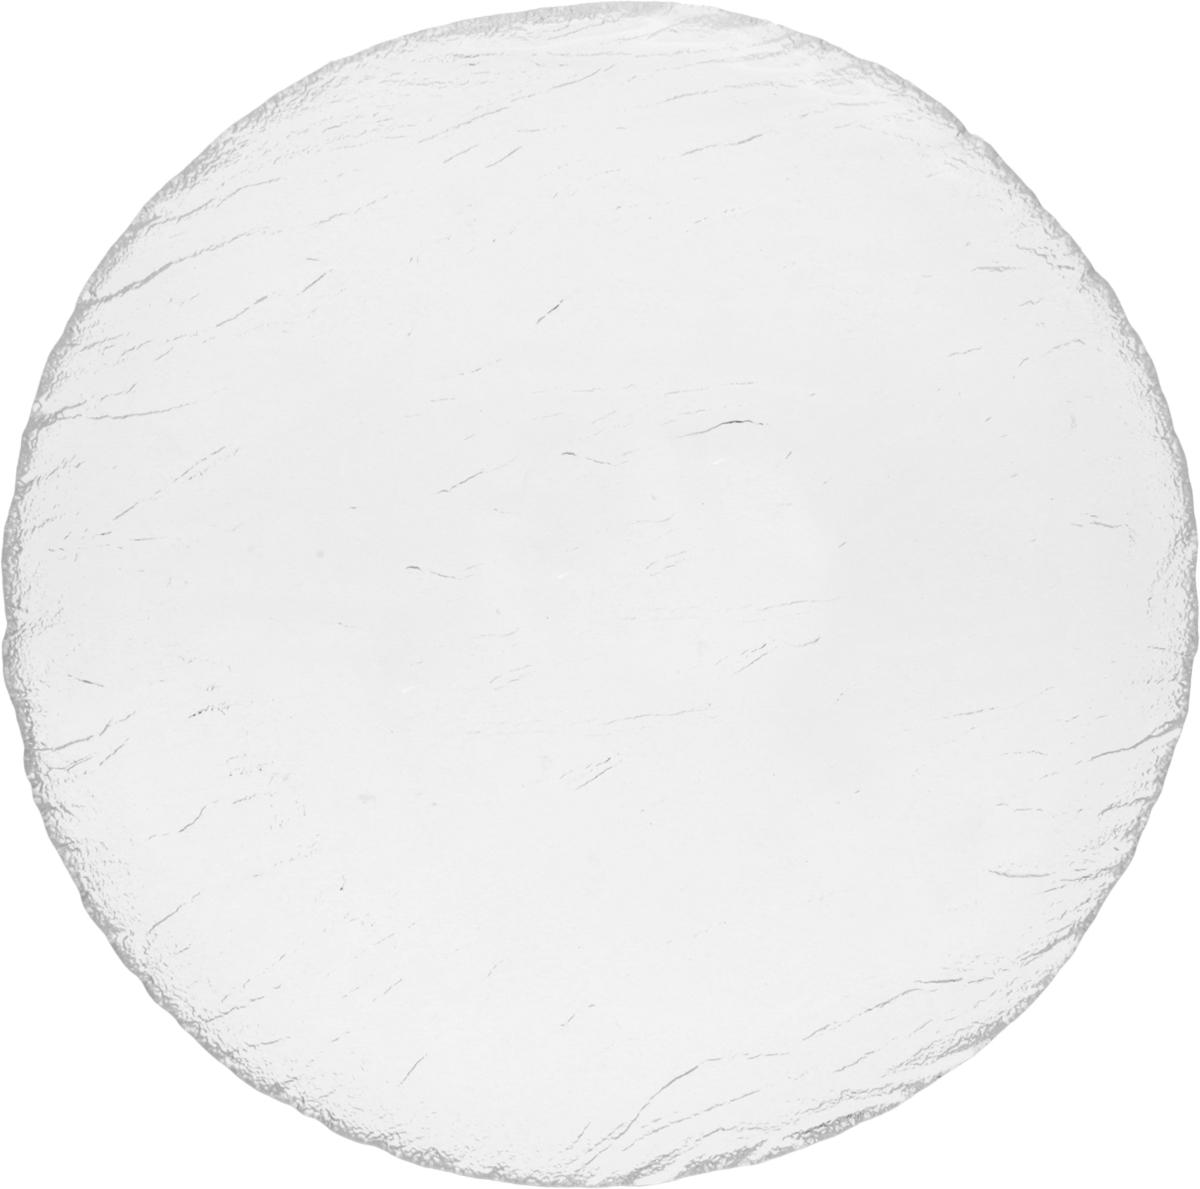 Тарелка десертная OSZ Вулкан, цвет: прозрачный, диаметр 19 смFS-91909Тарелка OSZ Вулкан выполнена из высококачественного стекла и имеет рельефную поверхность. Она прекрасно впишется в интерьер вашей кухни и станет достойным дополнением к кухонному инвентарю. Тарелка OSZ Вулкан подчеркнет прекрасный вкус хозяйки и станет отличным подарком.Диаметр тарелки: 19 см.Высота: 1,5 см.